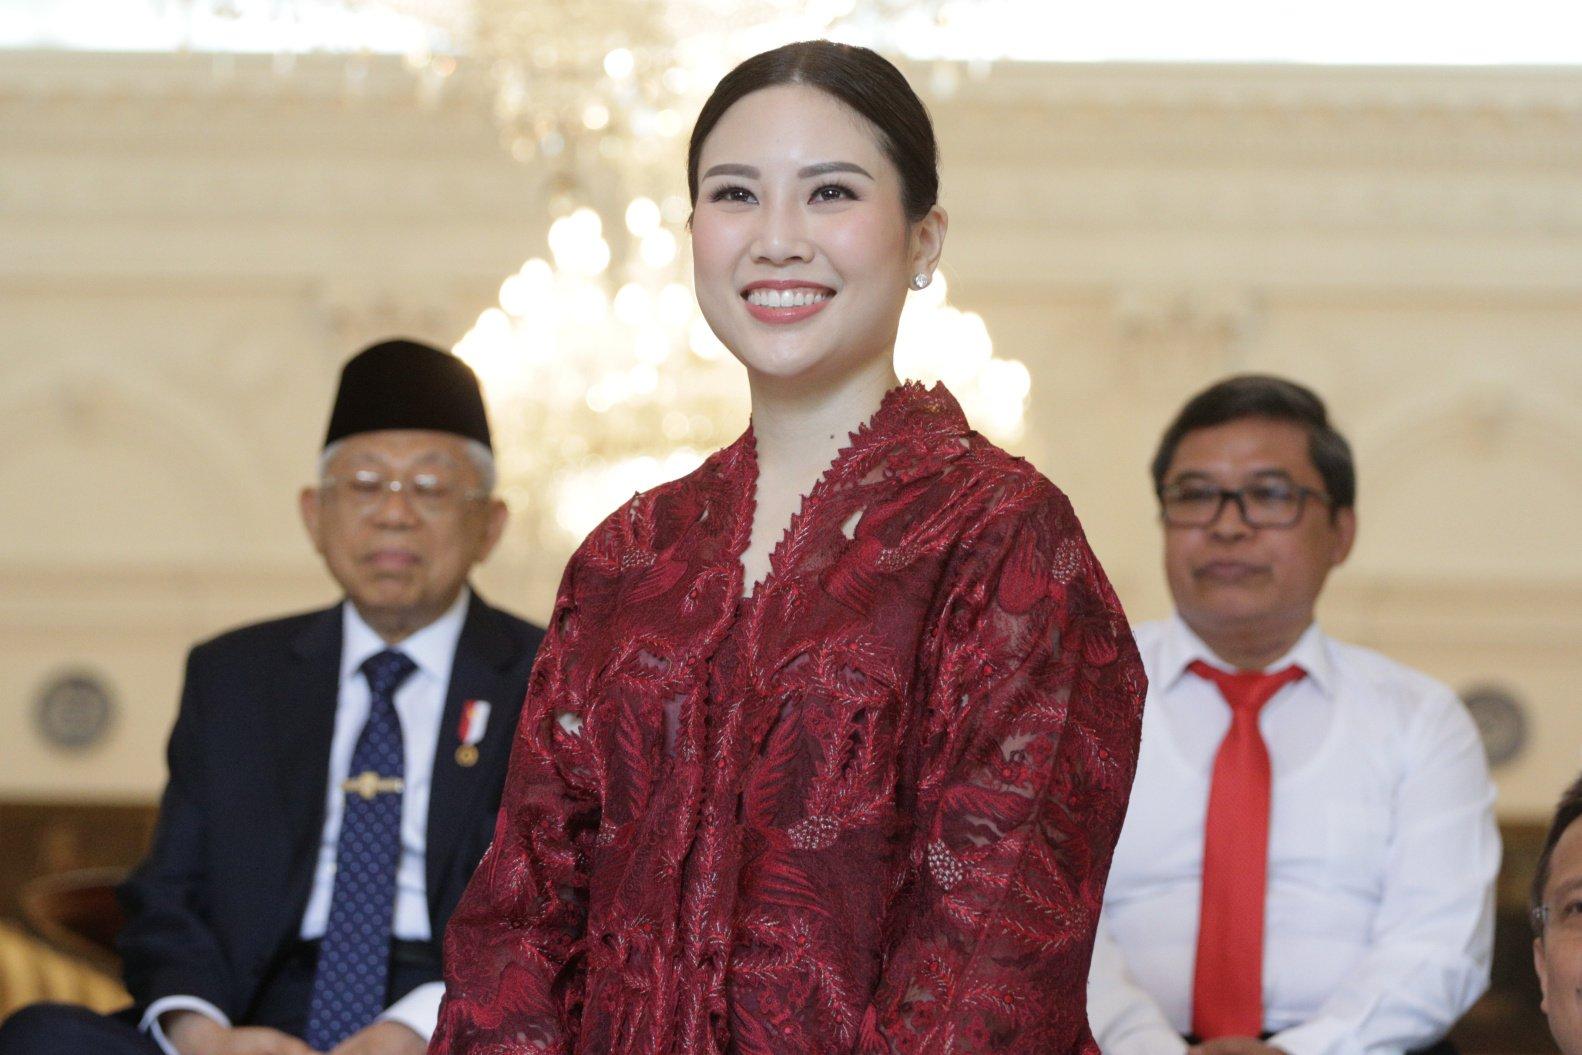 Wakil Menteri Pariwisata - Bekraf, Angela Tanoesudibjo di Istana Merdeka, Jakarta Pusat (25/10/2019). Angela, wamen termuda yang berusia 32 tahun, memiliki pengalaman mengelola dan memimpin perusahaan media jaringan Grup MNC, milih ayahnya Hary Tanoesudibjo.